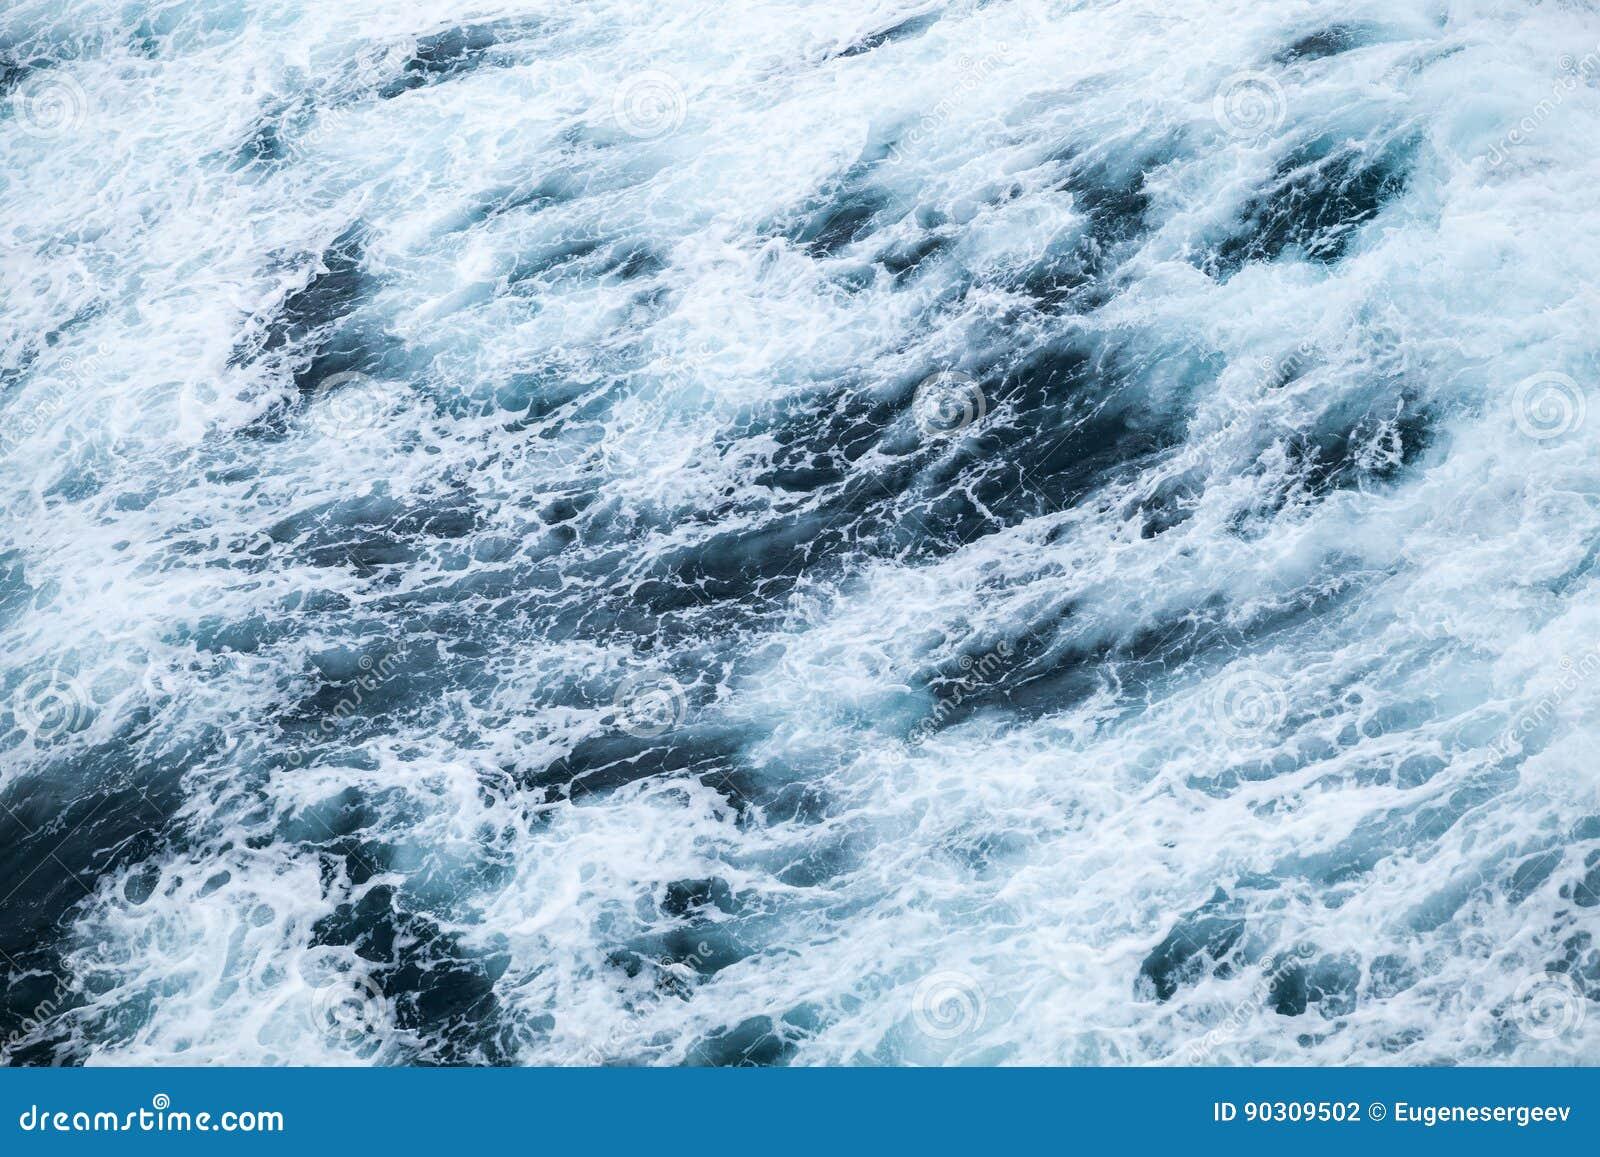 Поверхность воды океана с пеной и волнами